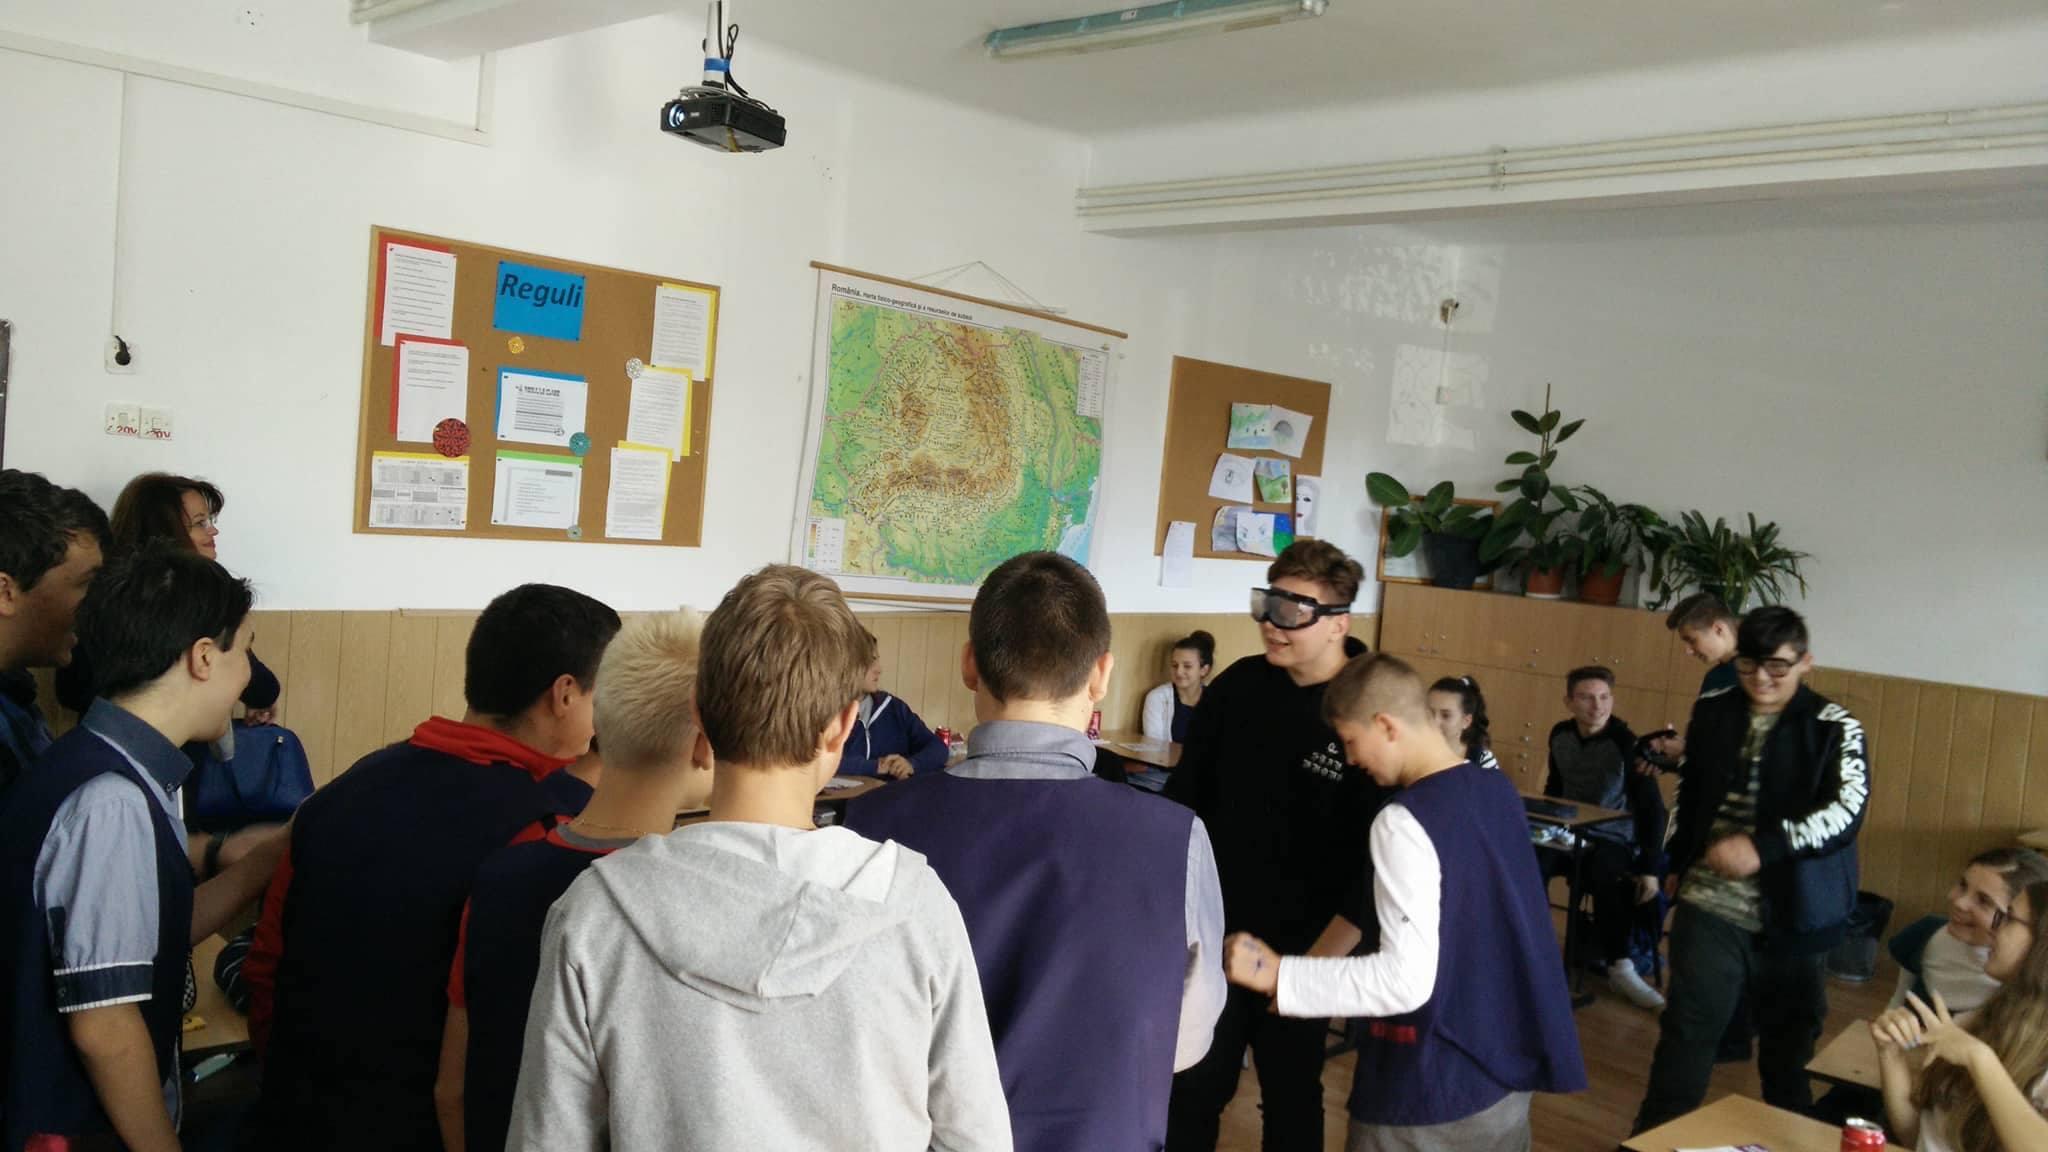 Luna octombrie a debutat la Centrul de Resurse pentru Adolescenți din Cluj-Napoca cu o campanie dedicată prevenției consumului de alcool. Prima activitate din cadrul campaniei s-a desfășurat la Liceul Teologic Ortodox și au participat 22 de elevi din clasa a VIII-a. Aceștia s-au implicat activ pe parcursul activității, au discutat despre diferiți factori de risc asociați consumului de alcool și despre efectele acestuia. Seria de întâlniri cu tema prevenției consumului de alcool face parte din campania UNICEF de prevenire a comportamentelor de risc întitulată Chiar și o dată e prea mult.